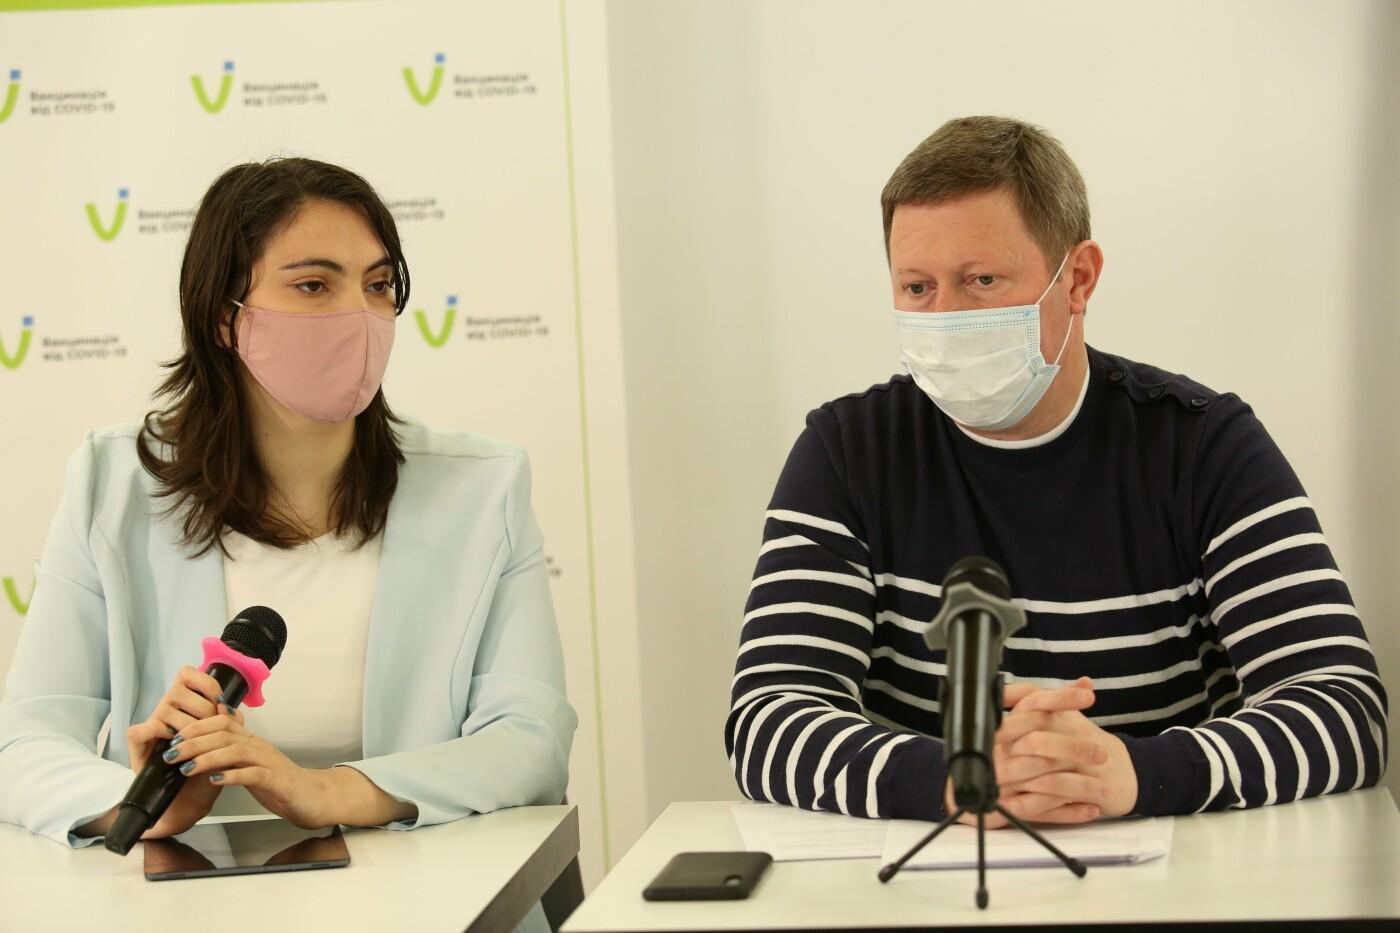 В Мариуполе медицинские эксперты рассказали, кого будут прививать вакциной AstraZeneca корейского производства, фото-3